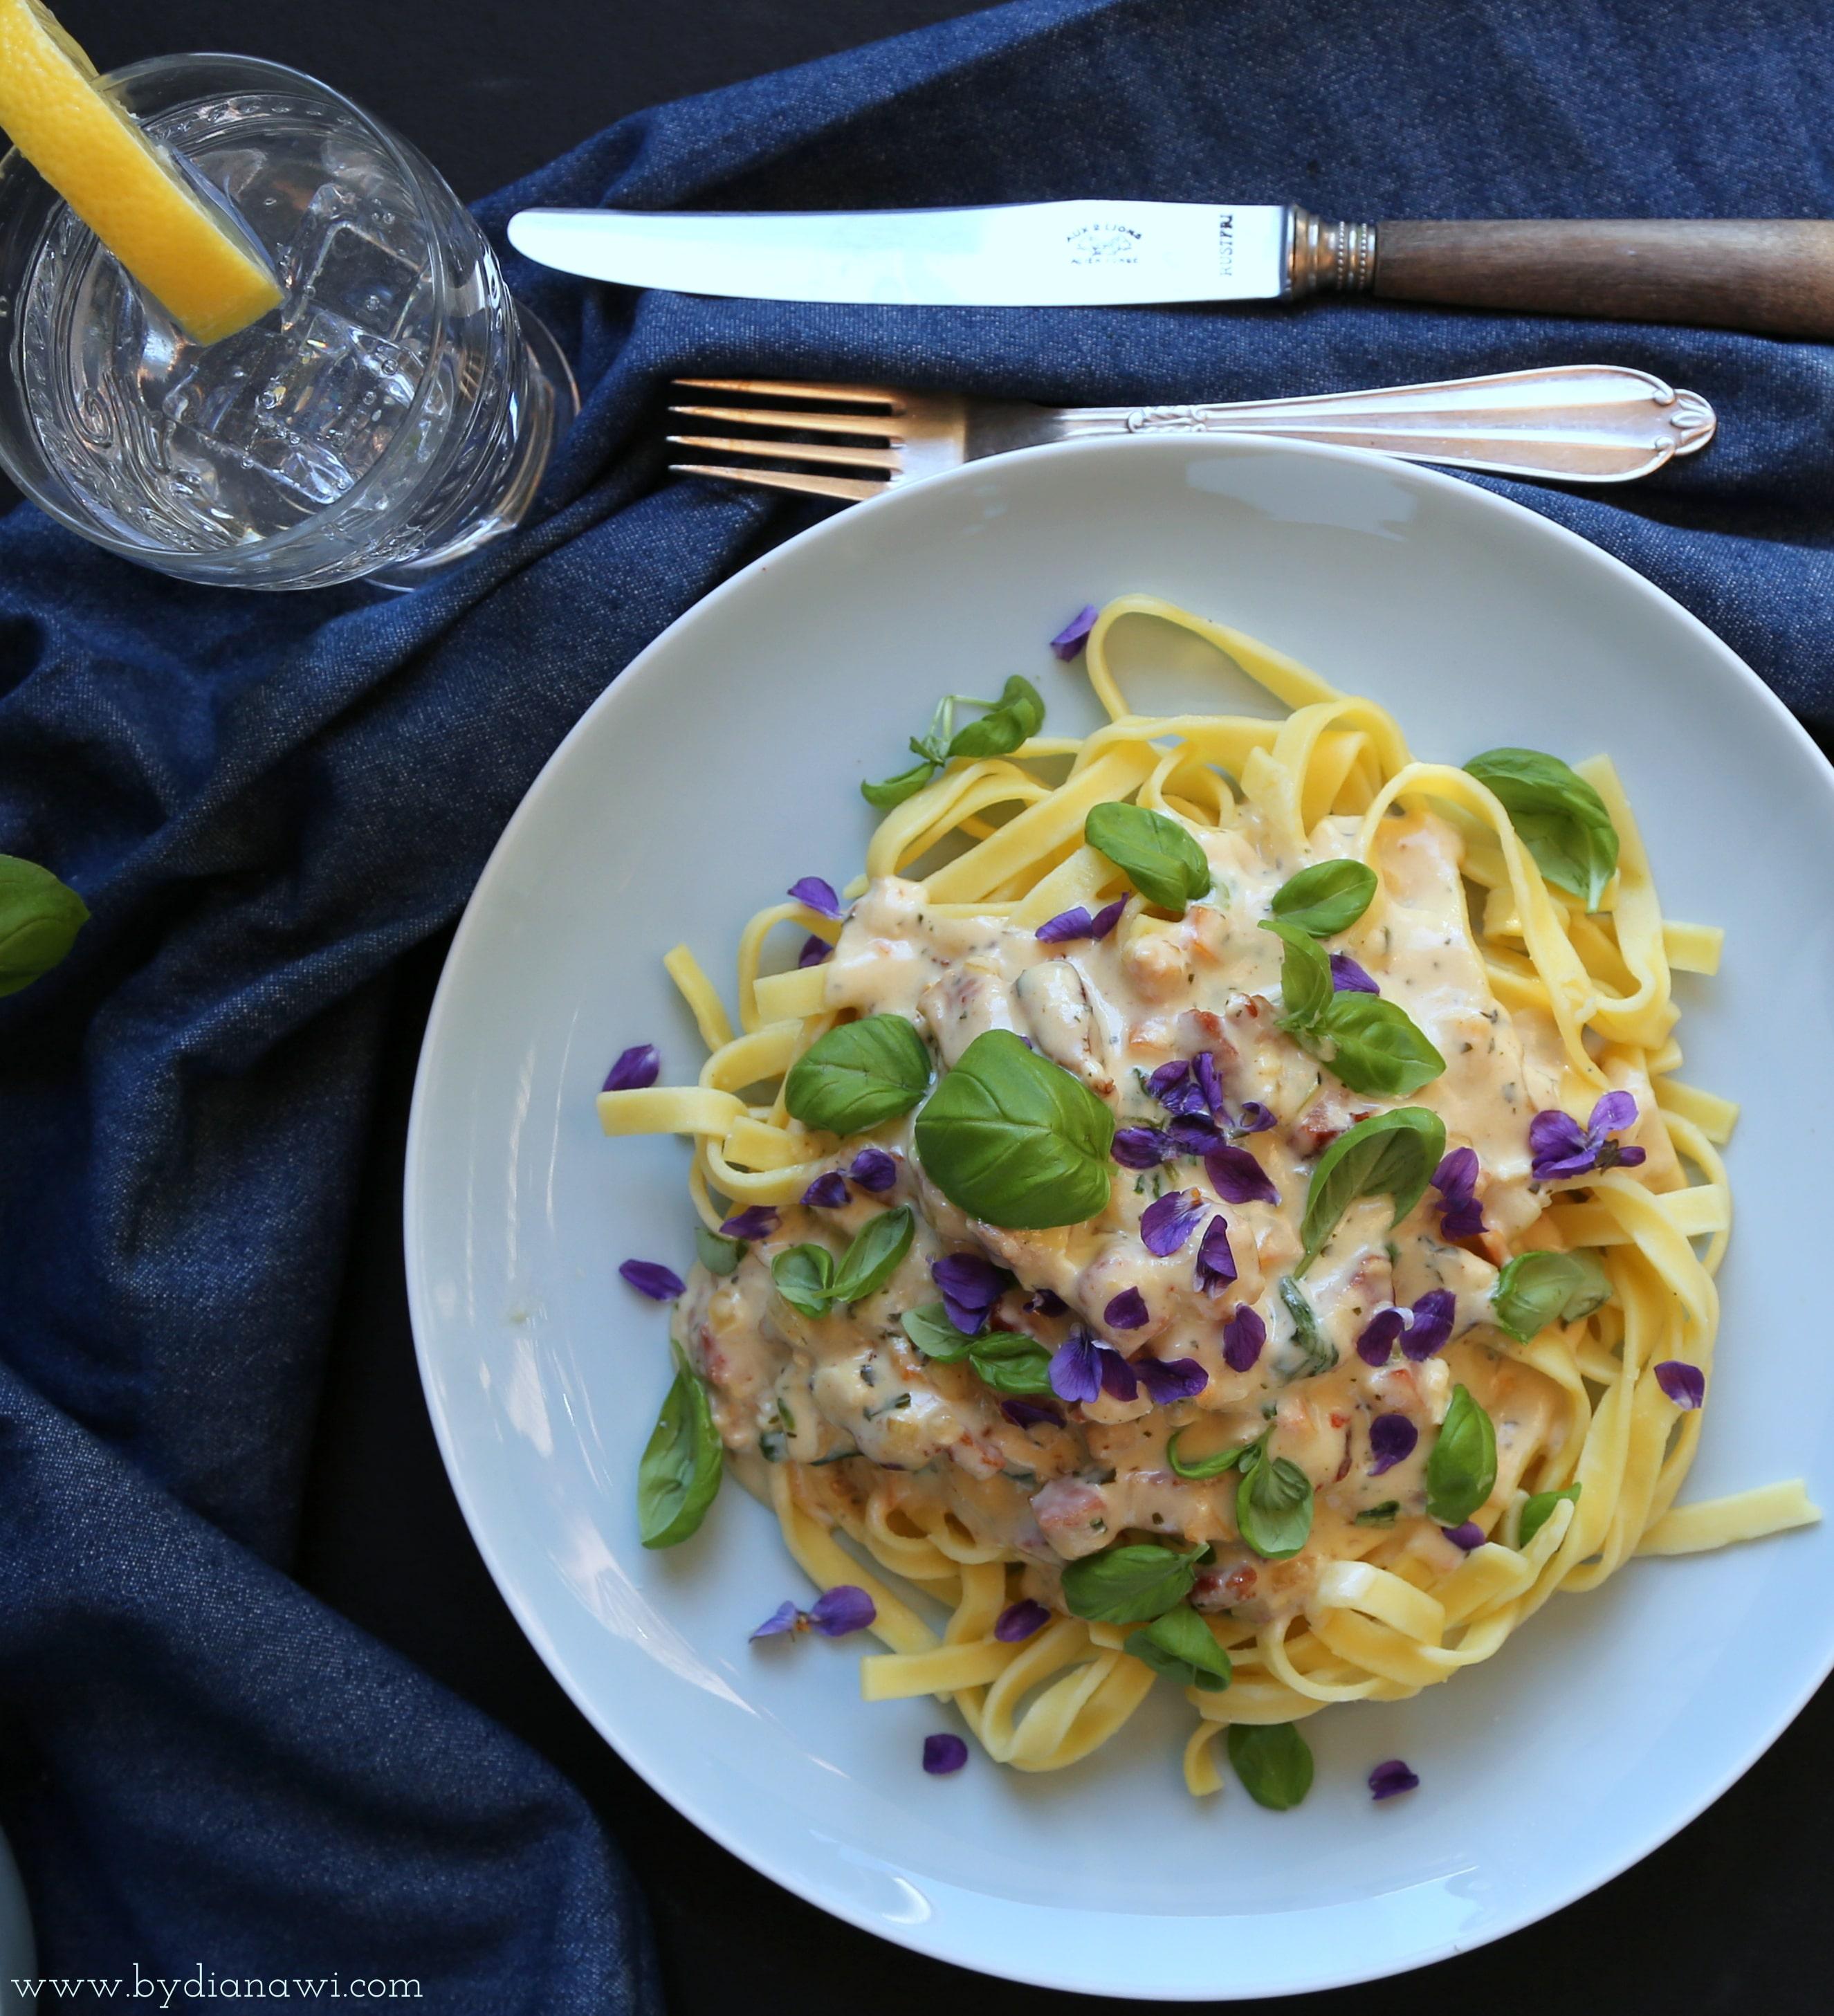 Opskrift på pasta Carbonara italiana